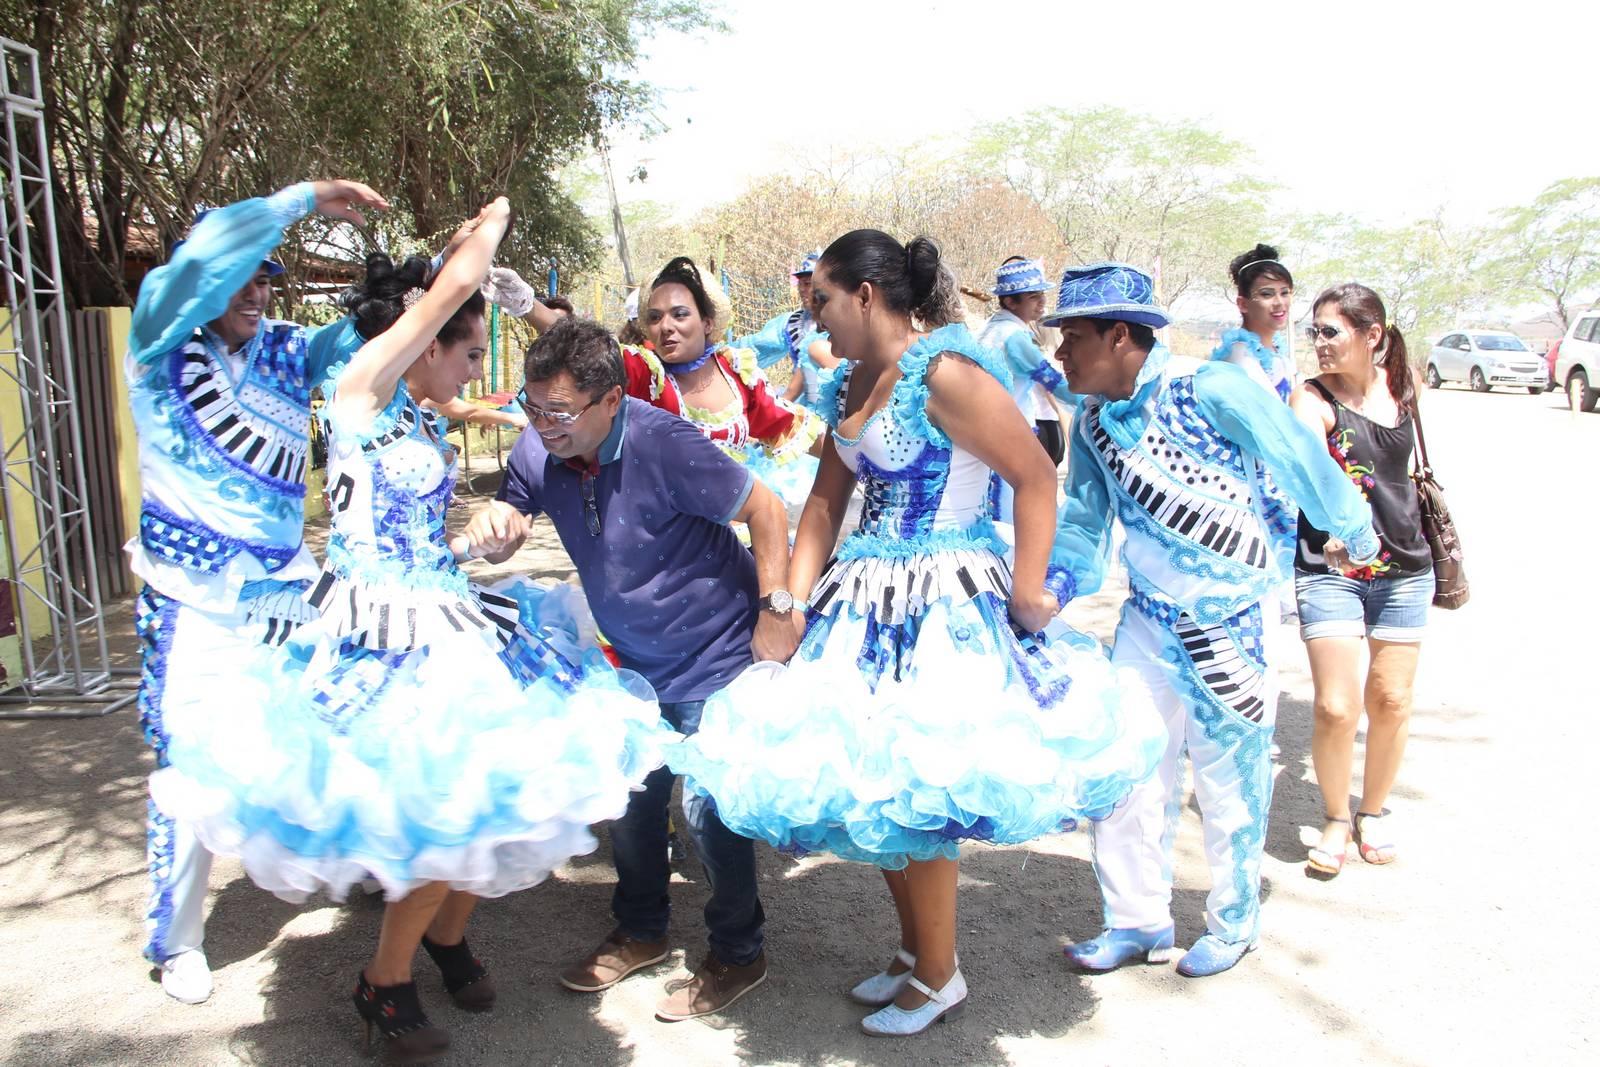 Momento de Festa e Confraternização - IV Encontro Reginal do Nordeste (13)